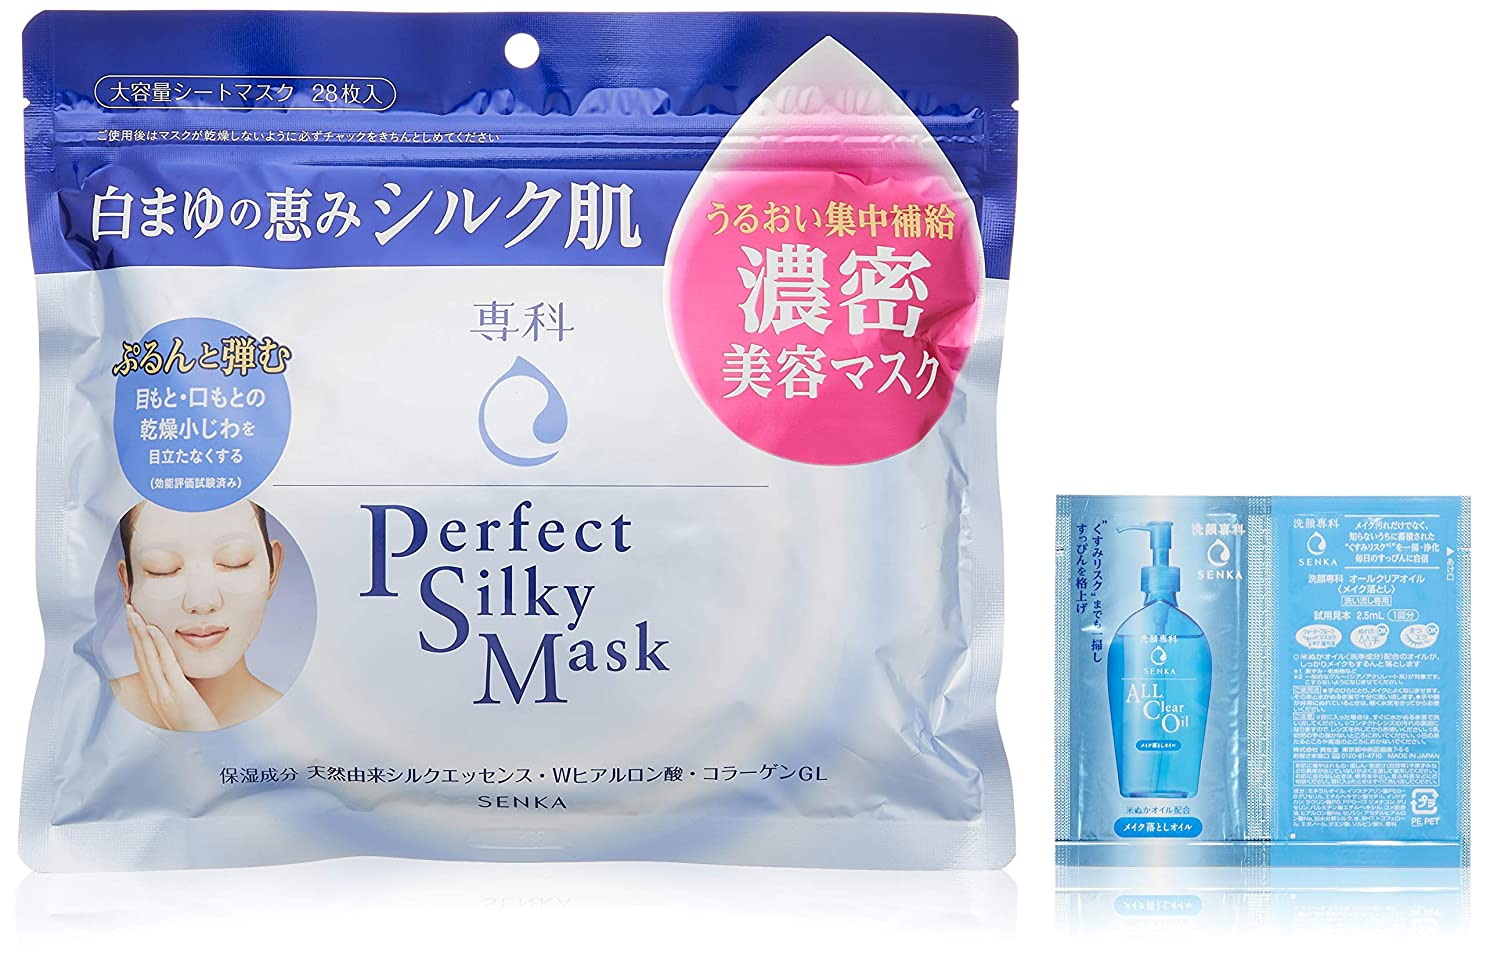 報いるかかわらず理想的には【Amazon.co.jp 限定】専科 パーフェクトシルキーマスク シート状 美容マスク 28枚 おまけ付きセット